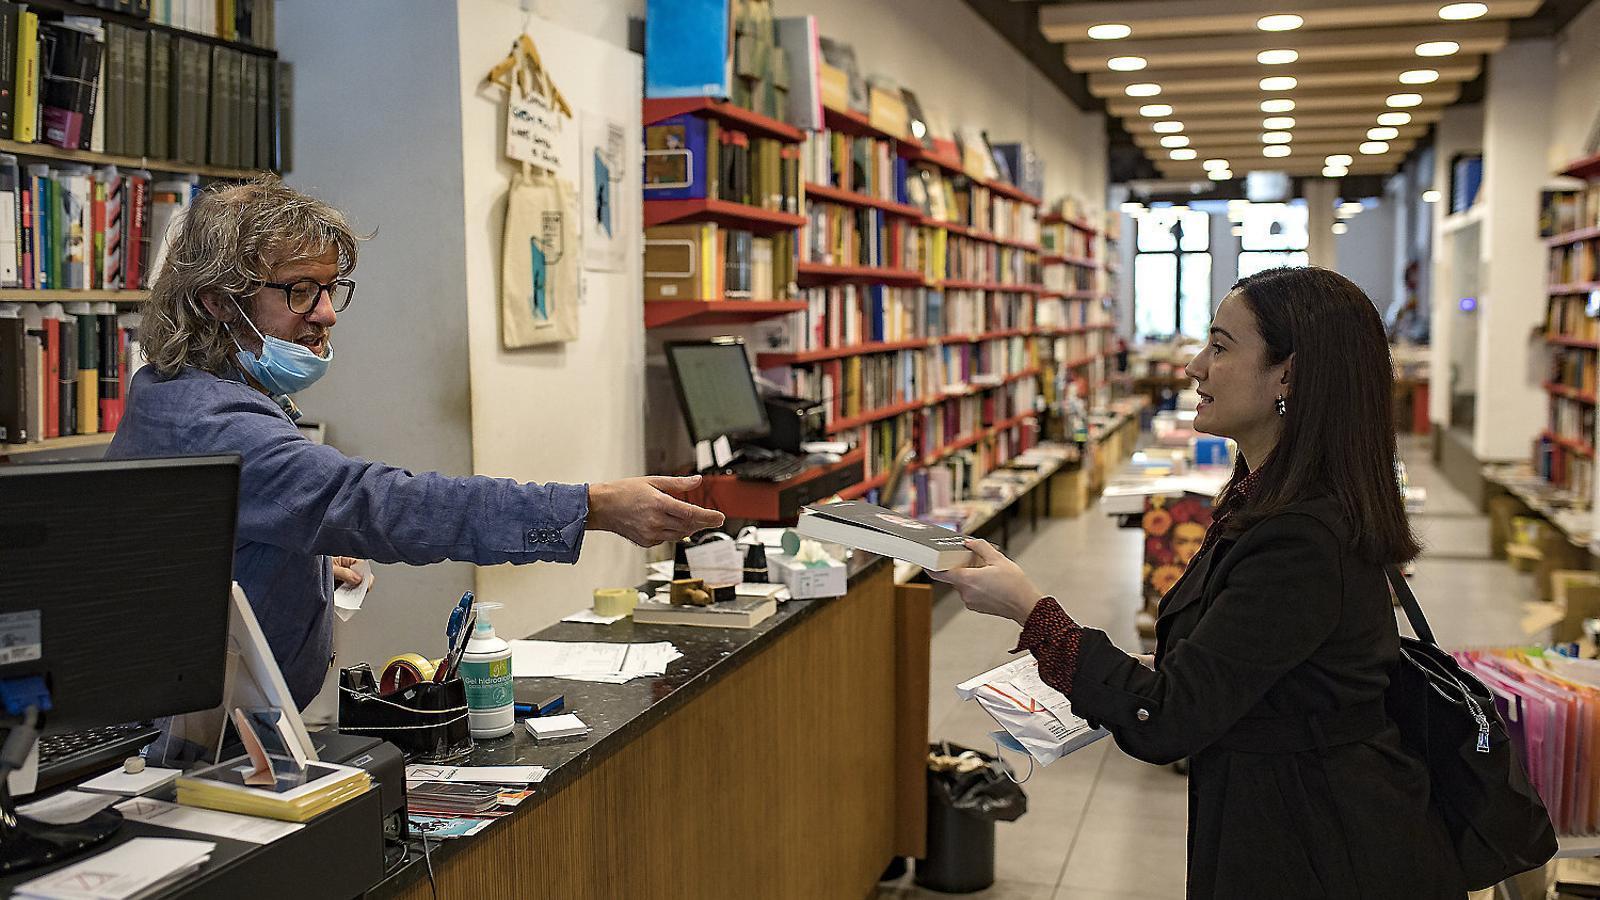 Les llibreries comencen a recuperar la normalitat